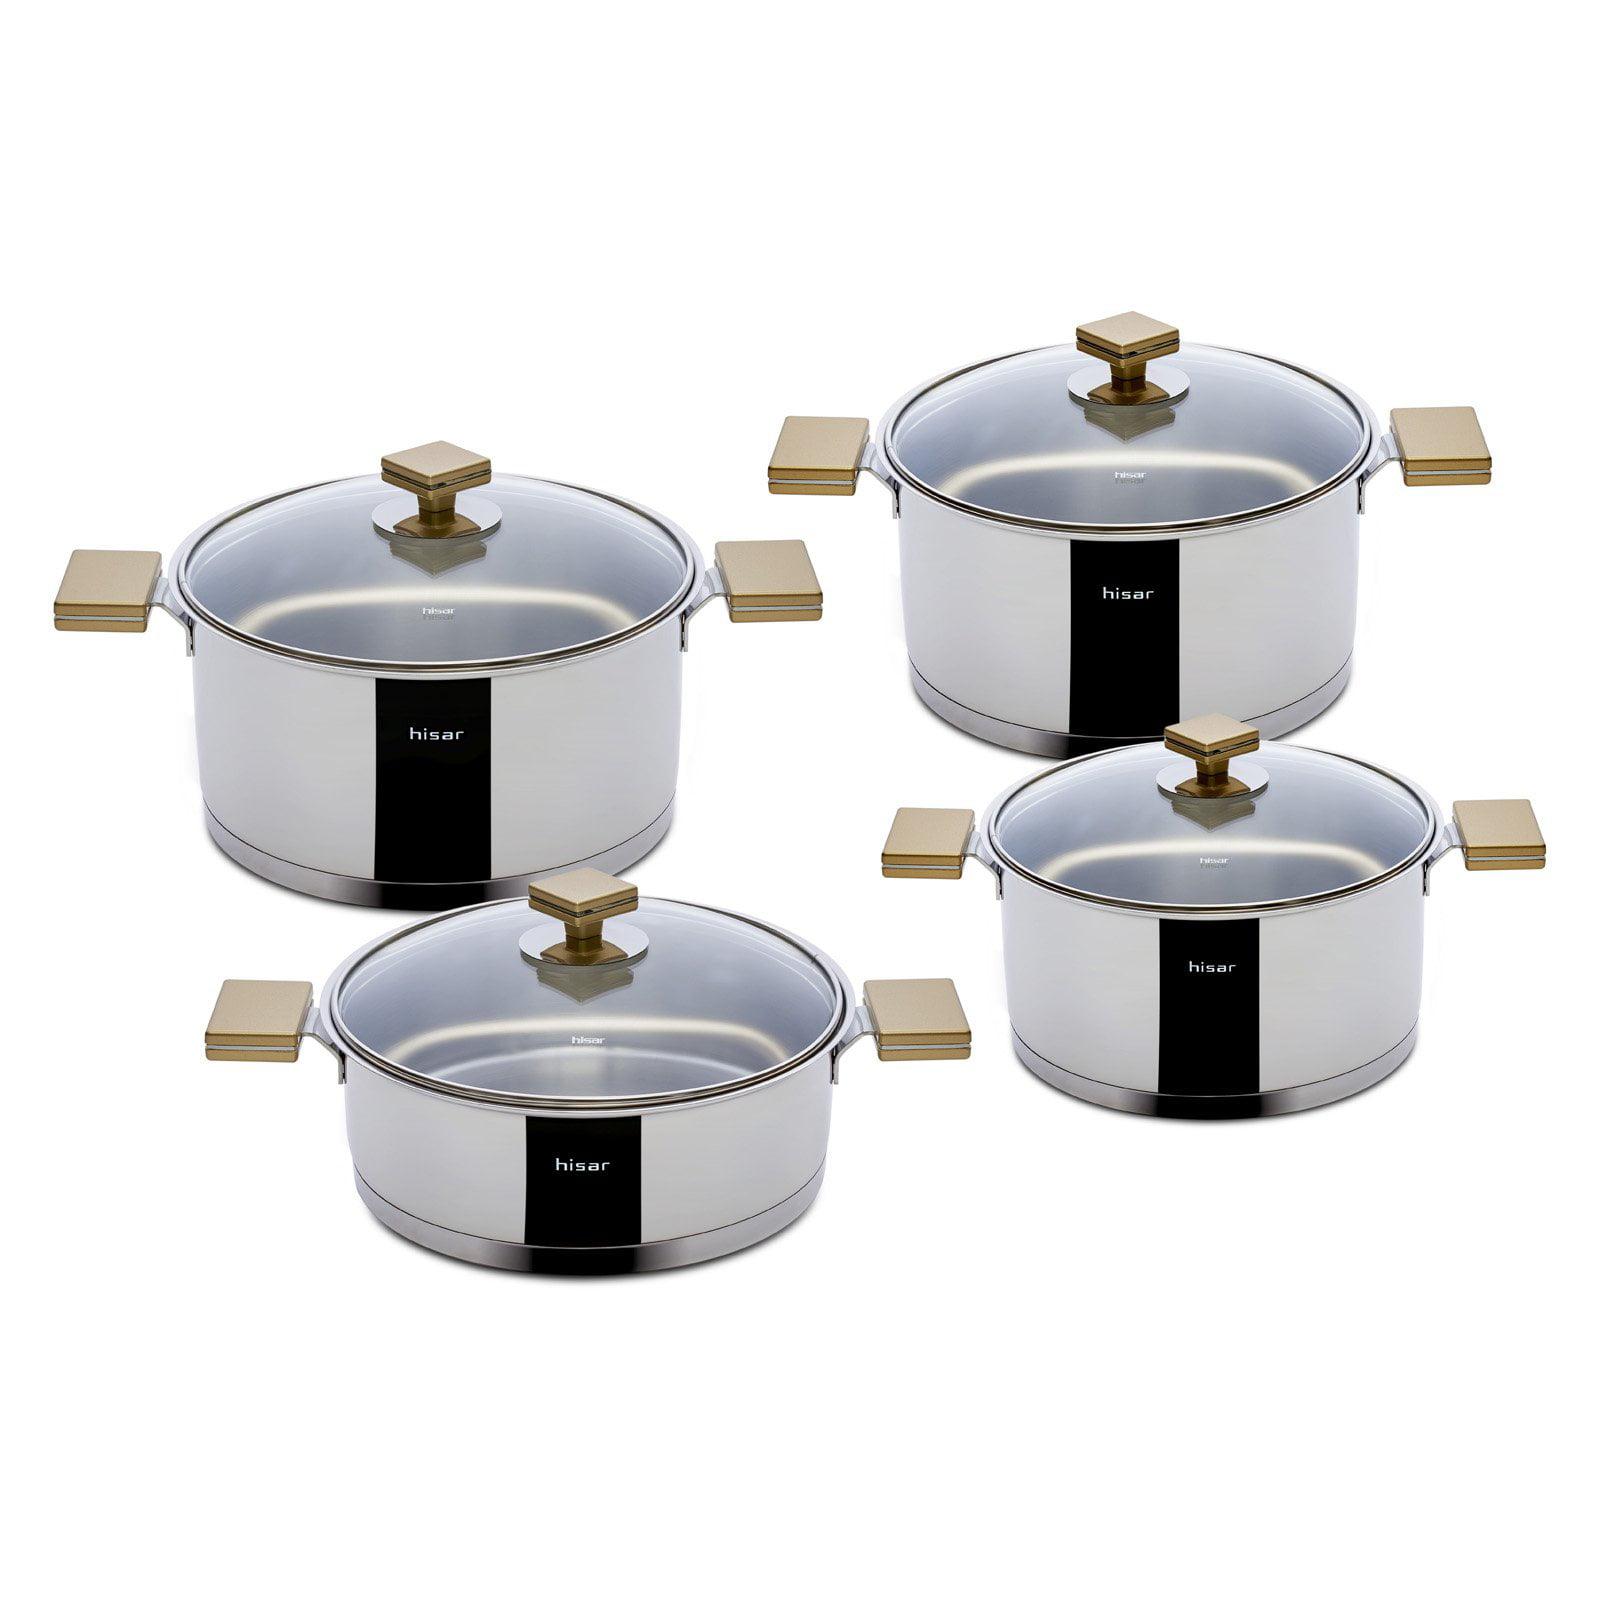 Hisar Milan 8 Piece Cookware Set